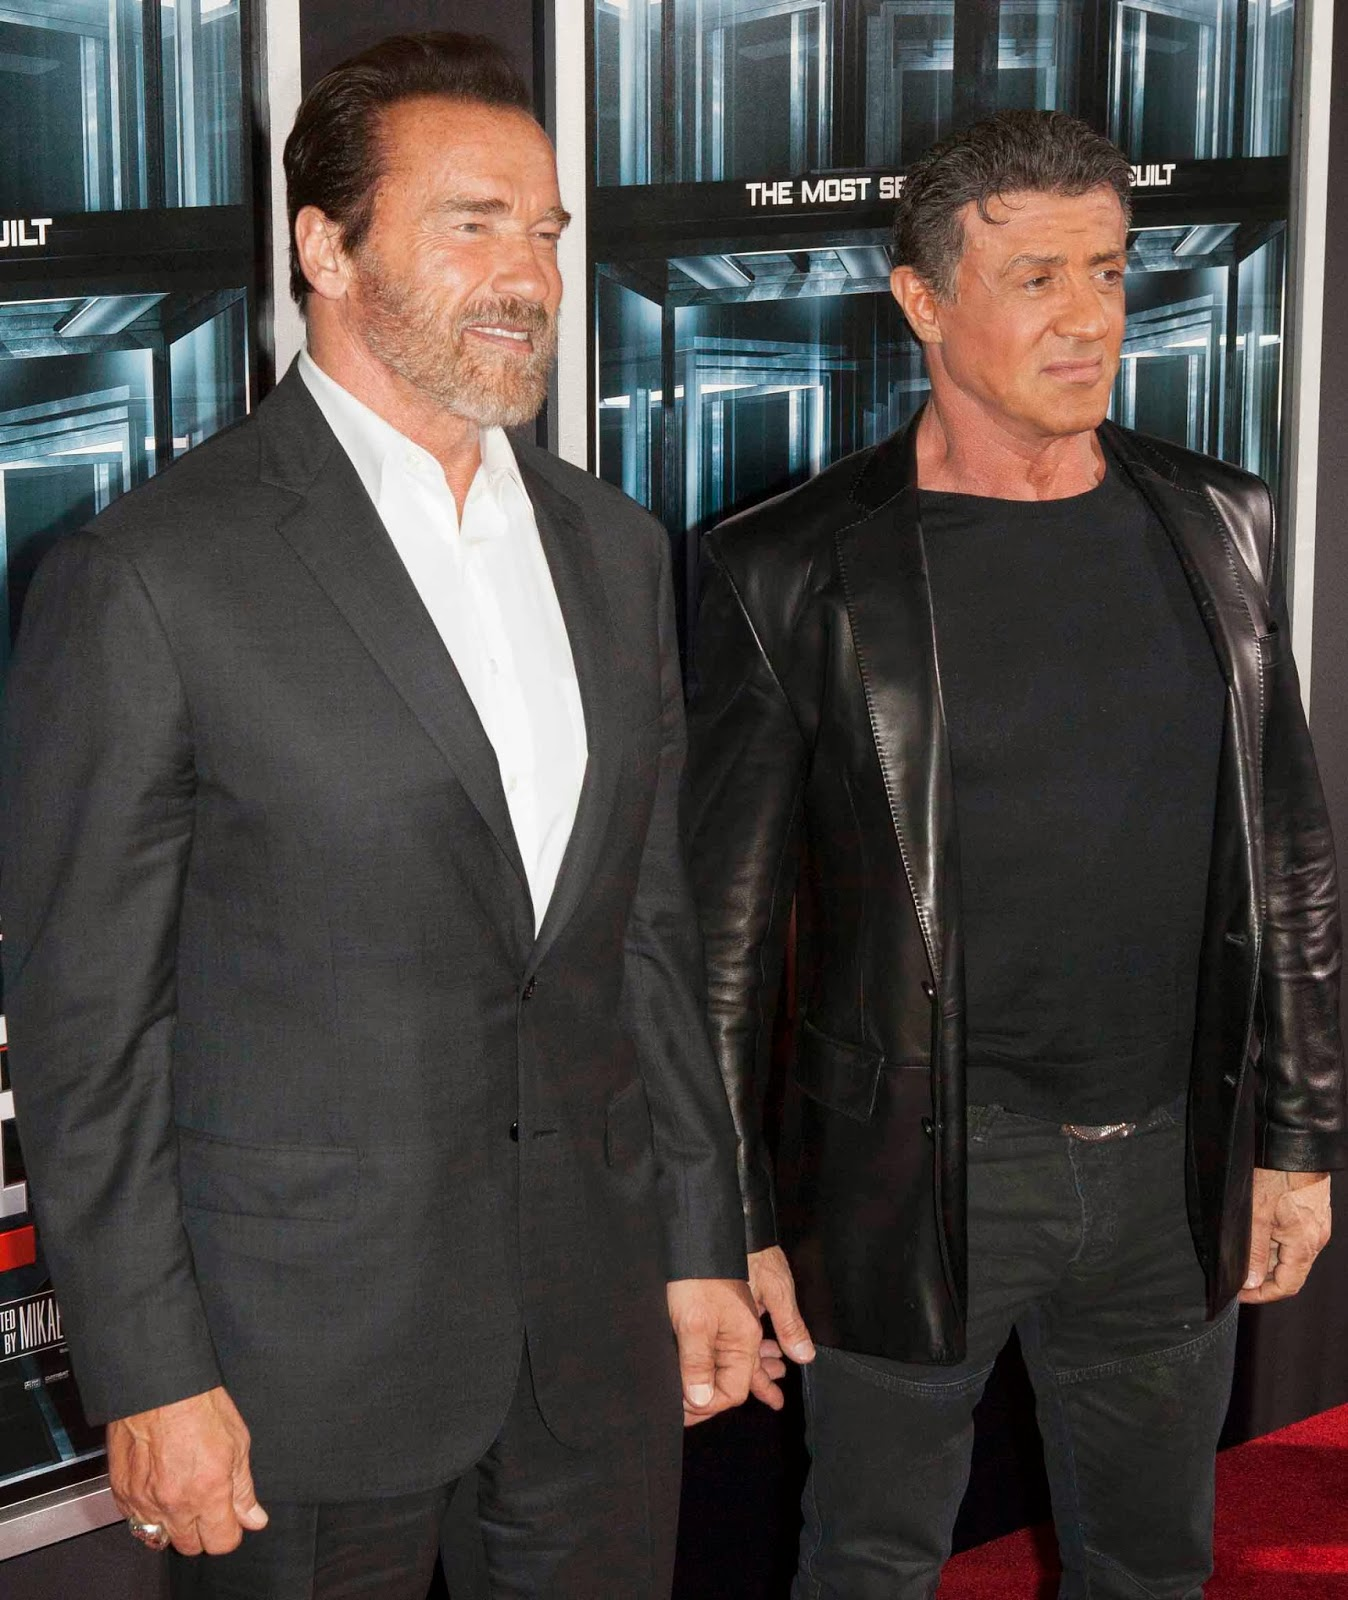 ¿Cuánto mide Arnold Schwarzenegger? - Altura - Real height Arnold+Schwarzenegger+With+Sylvester+Stallone